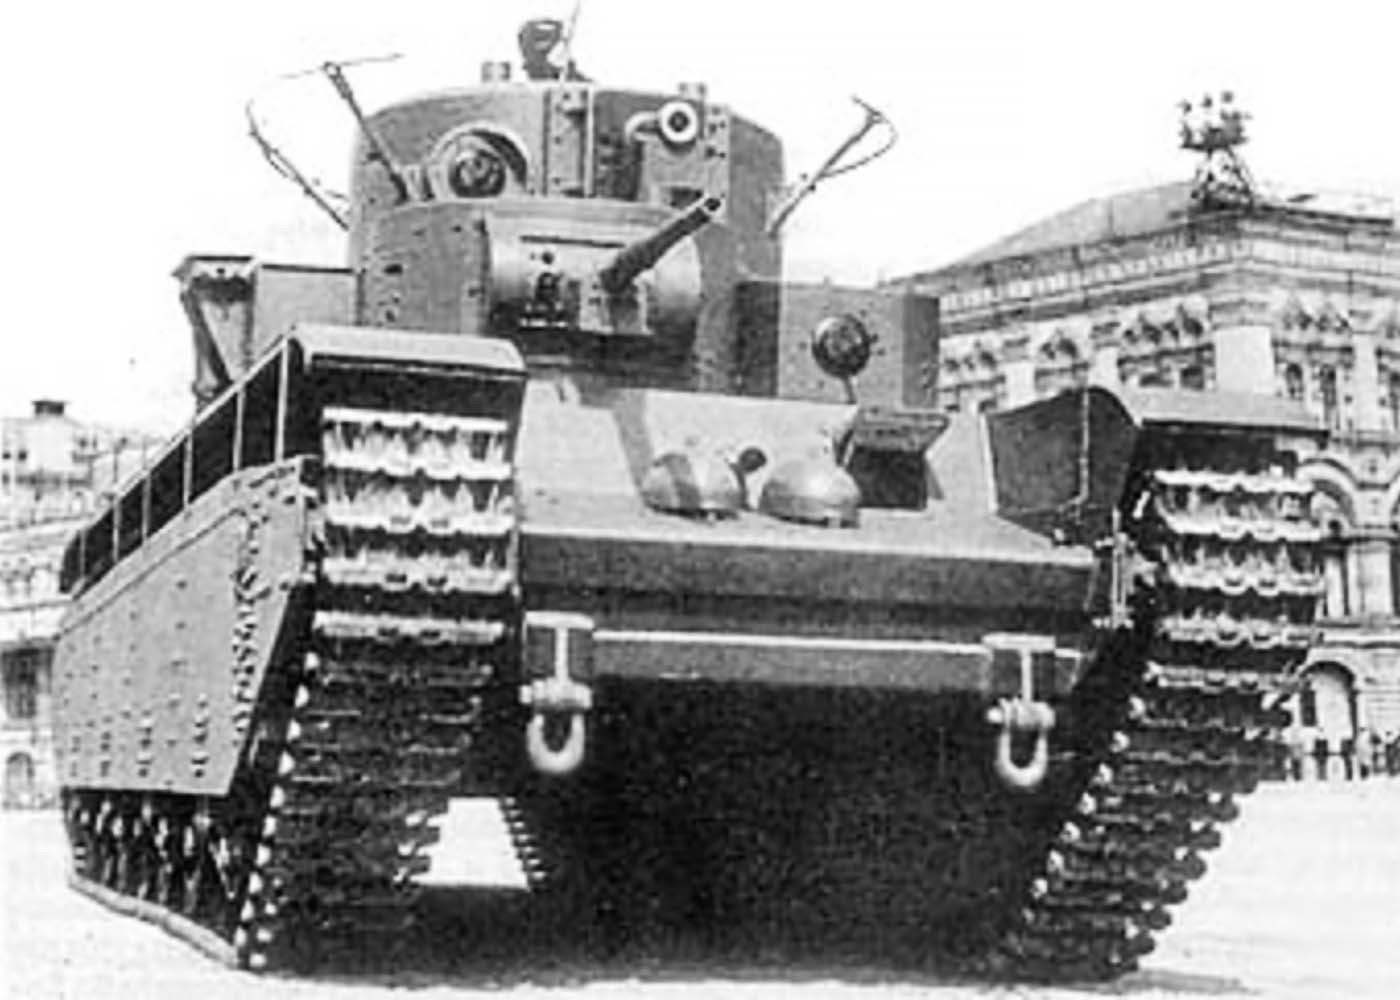 От «лоханей» до машин третьего поколения: какой путь прошли танковые войска за 100-летний период